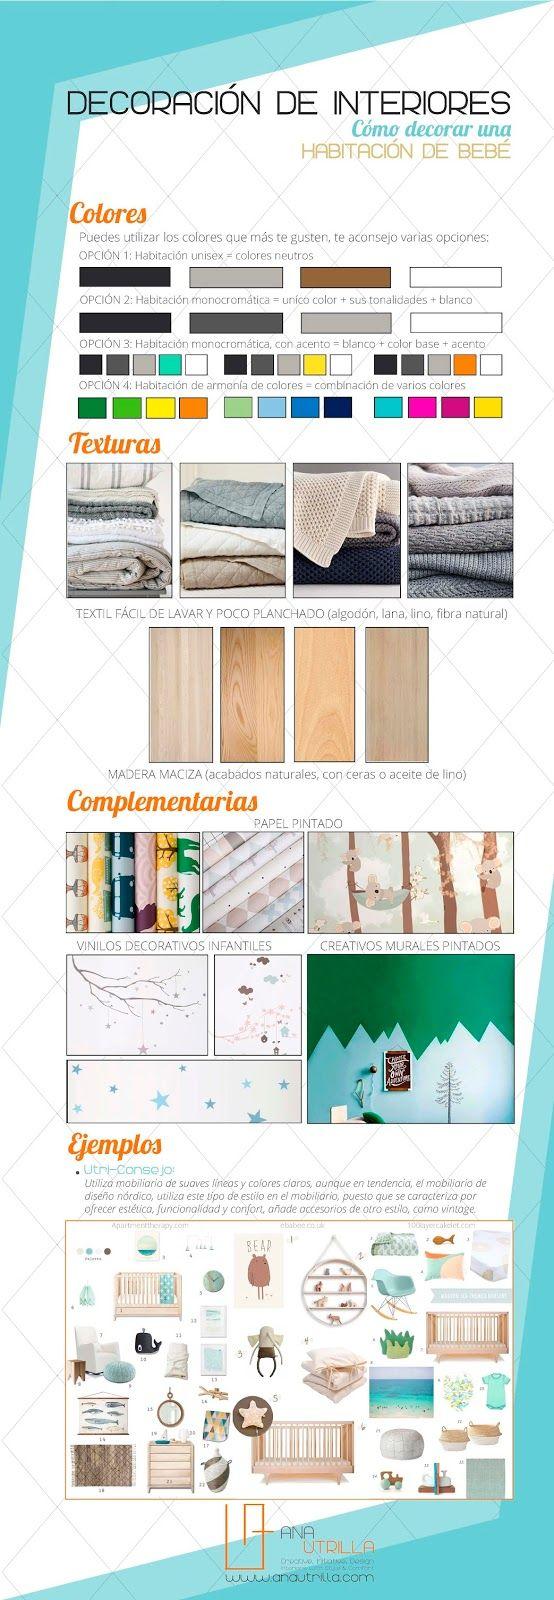 #Consejos para saber cómo #decorar la habitación de tu bebé por Ana Utrilla Info@anautrilla.com